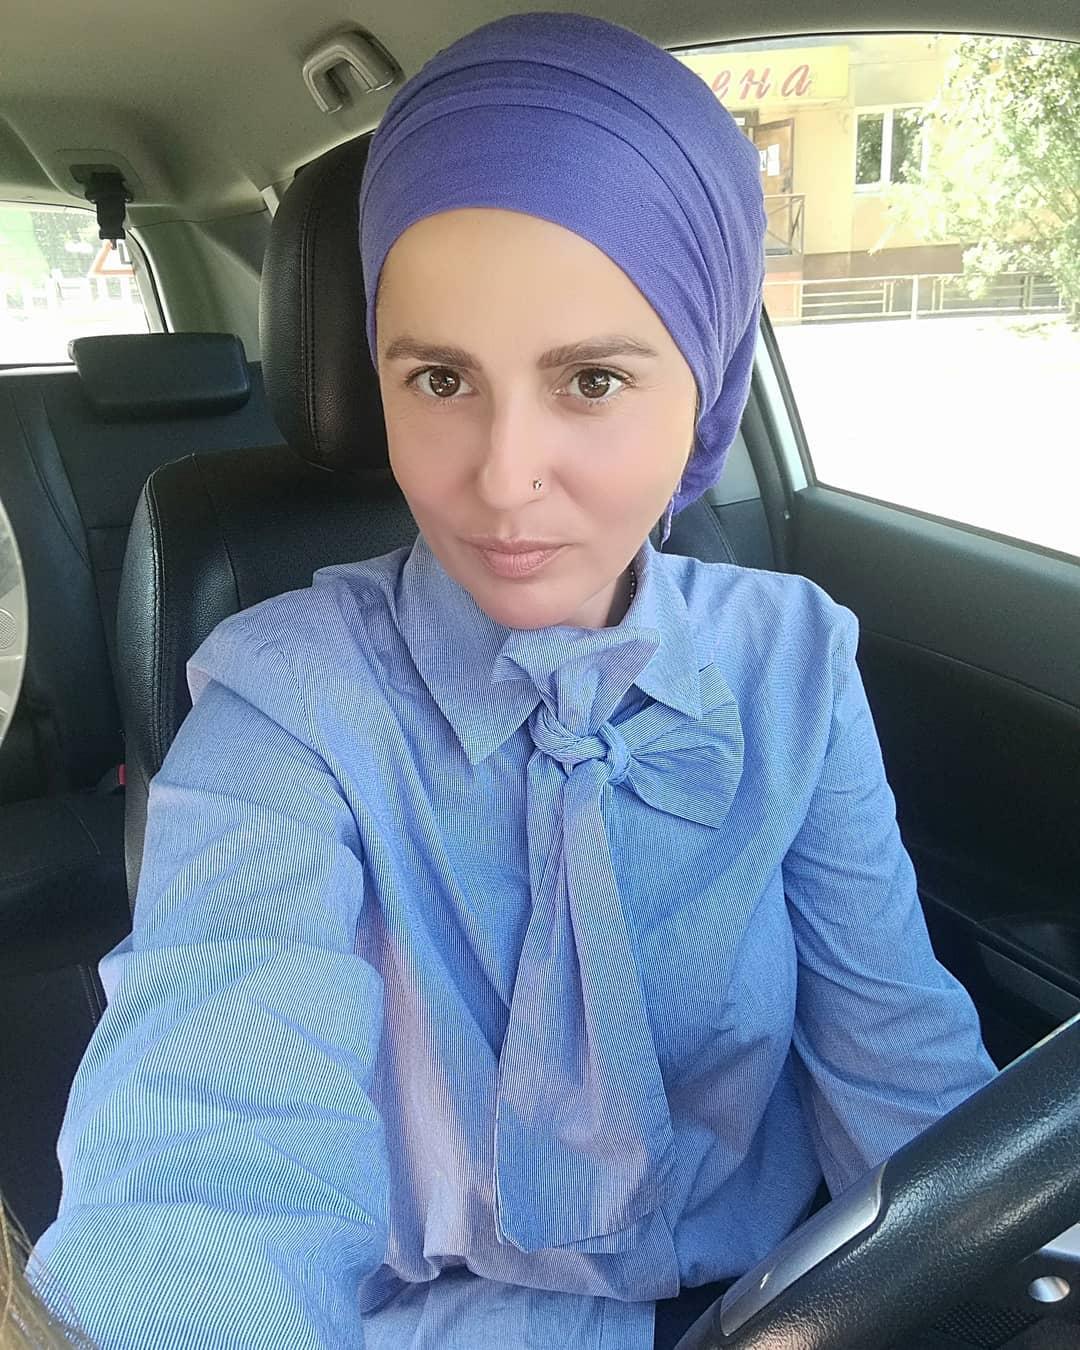 Блогер и специалист по детской и семейной психологии Анжелика Николаева, ее биография и личная жизнь.